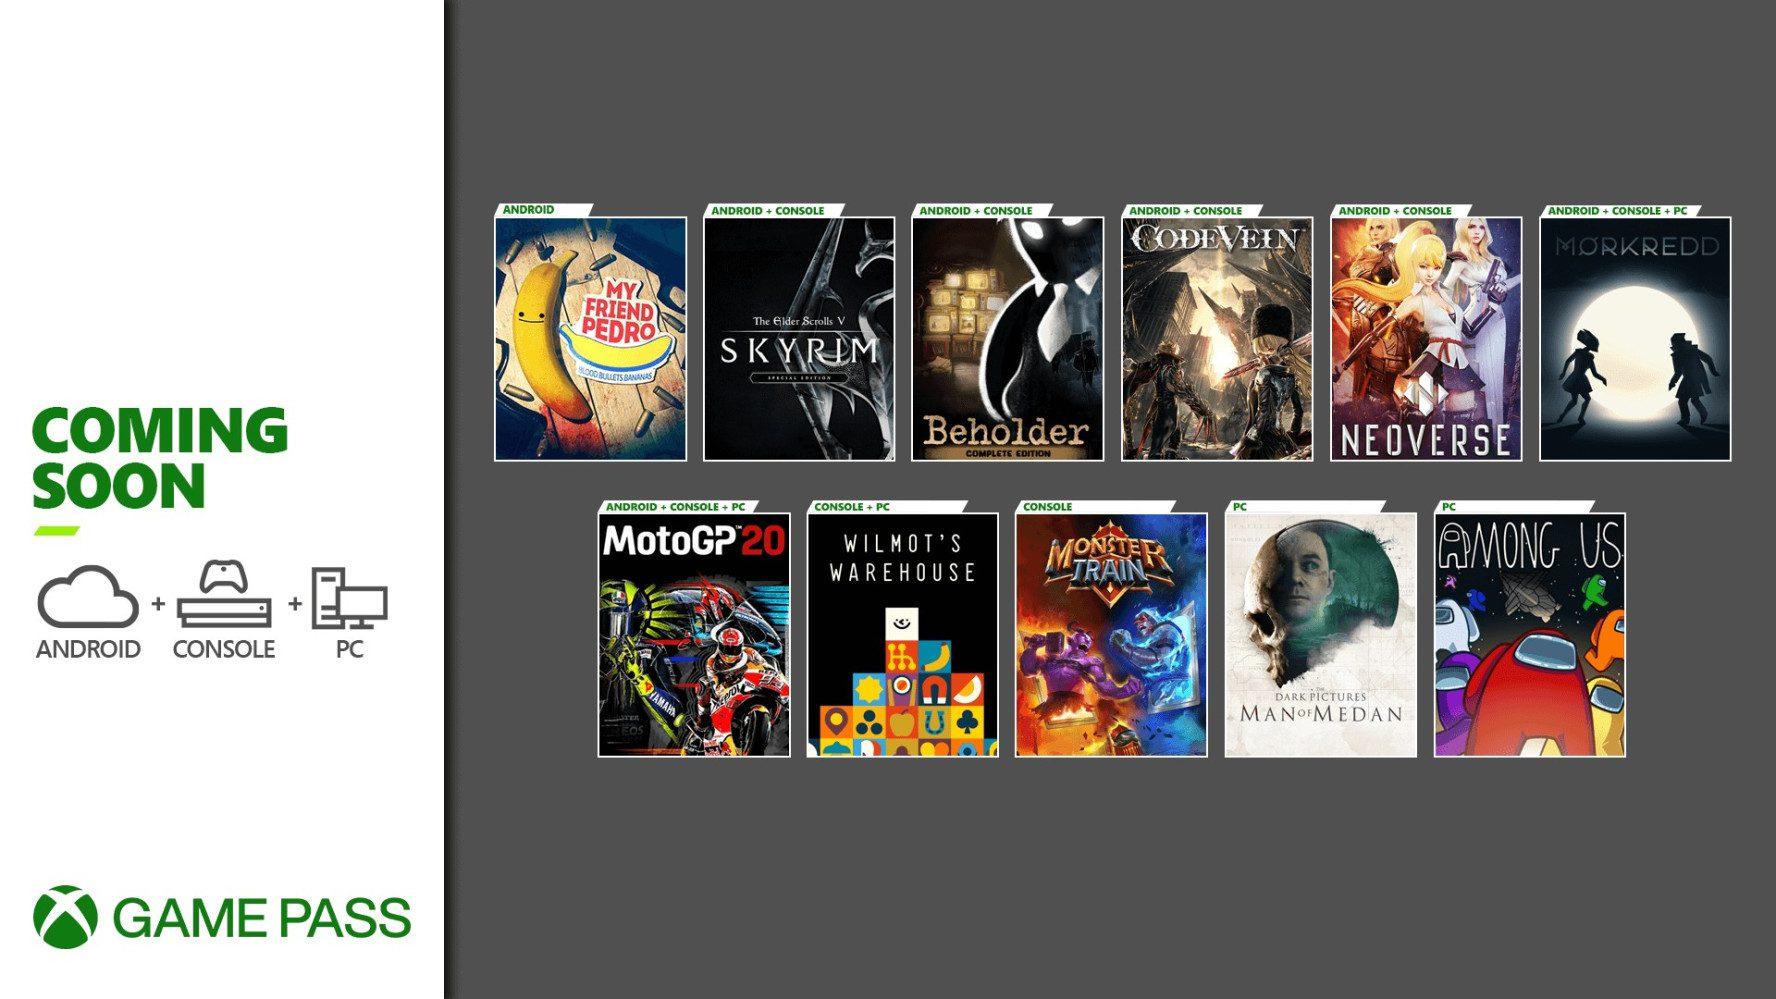 Desvelada la segunda tanda de juegos que llegarán a Xbox Game Pass en diciembre